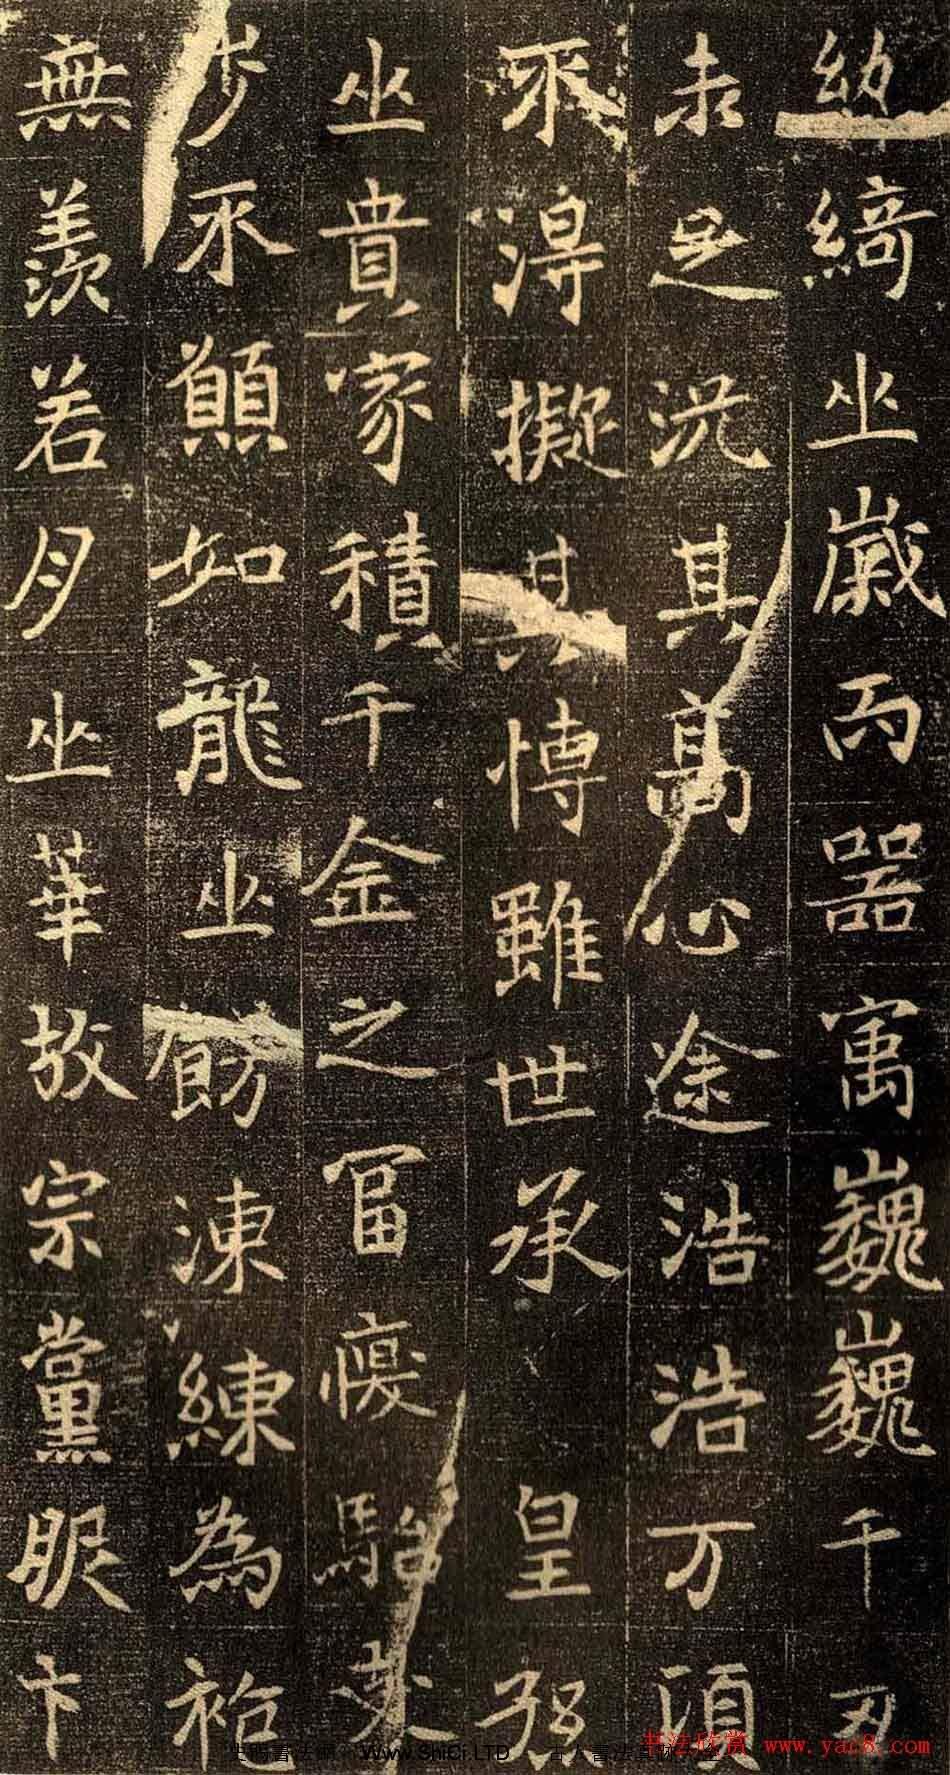 魏碑佳作正書真跡欣賞《元仙墓誌》(共9張圖片)